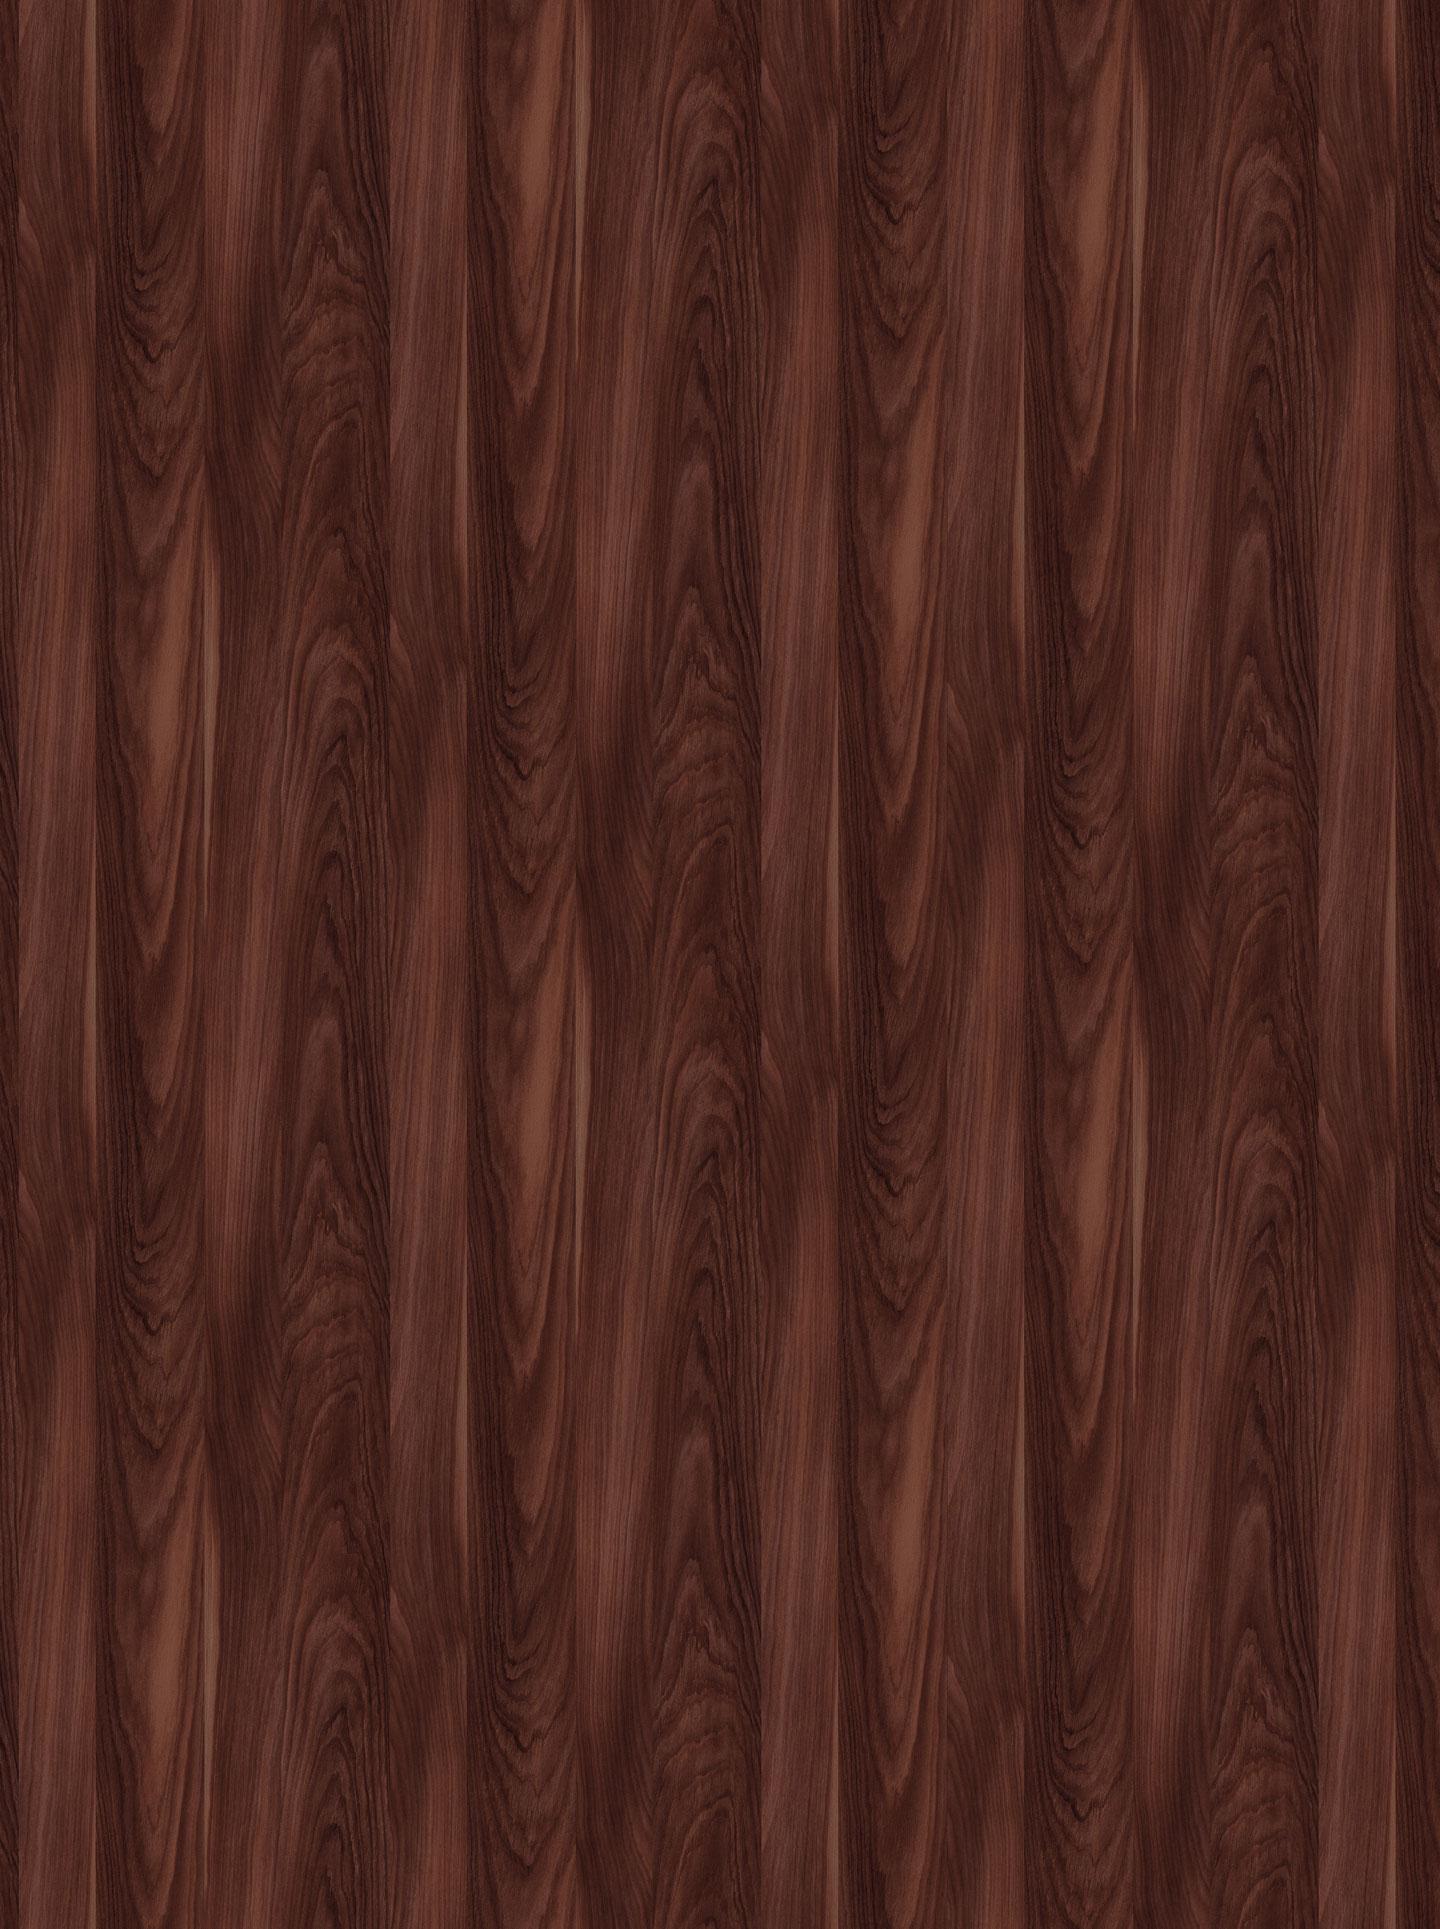 Terra Walnut Darkest Blonde